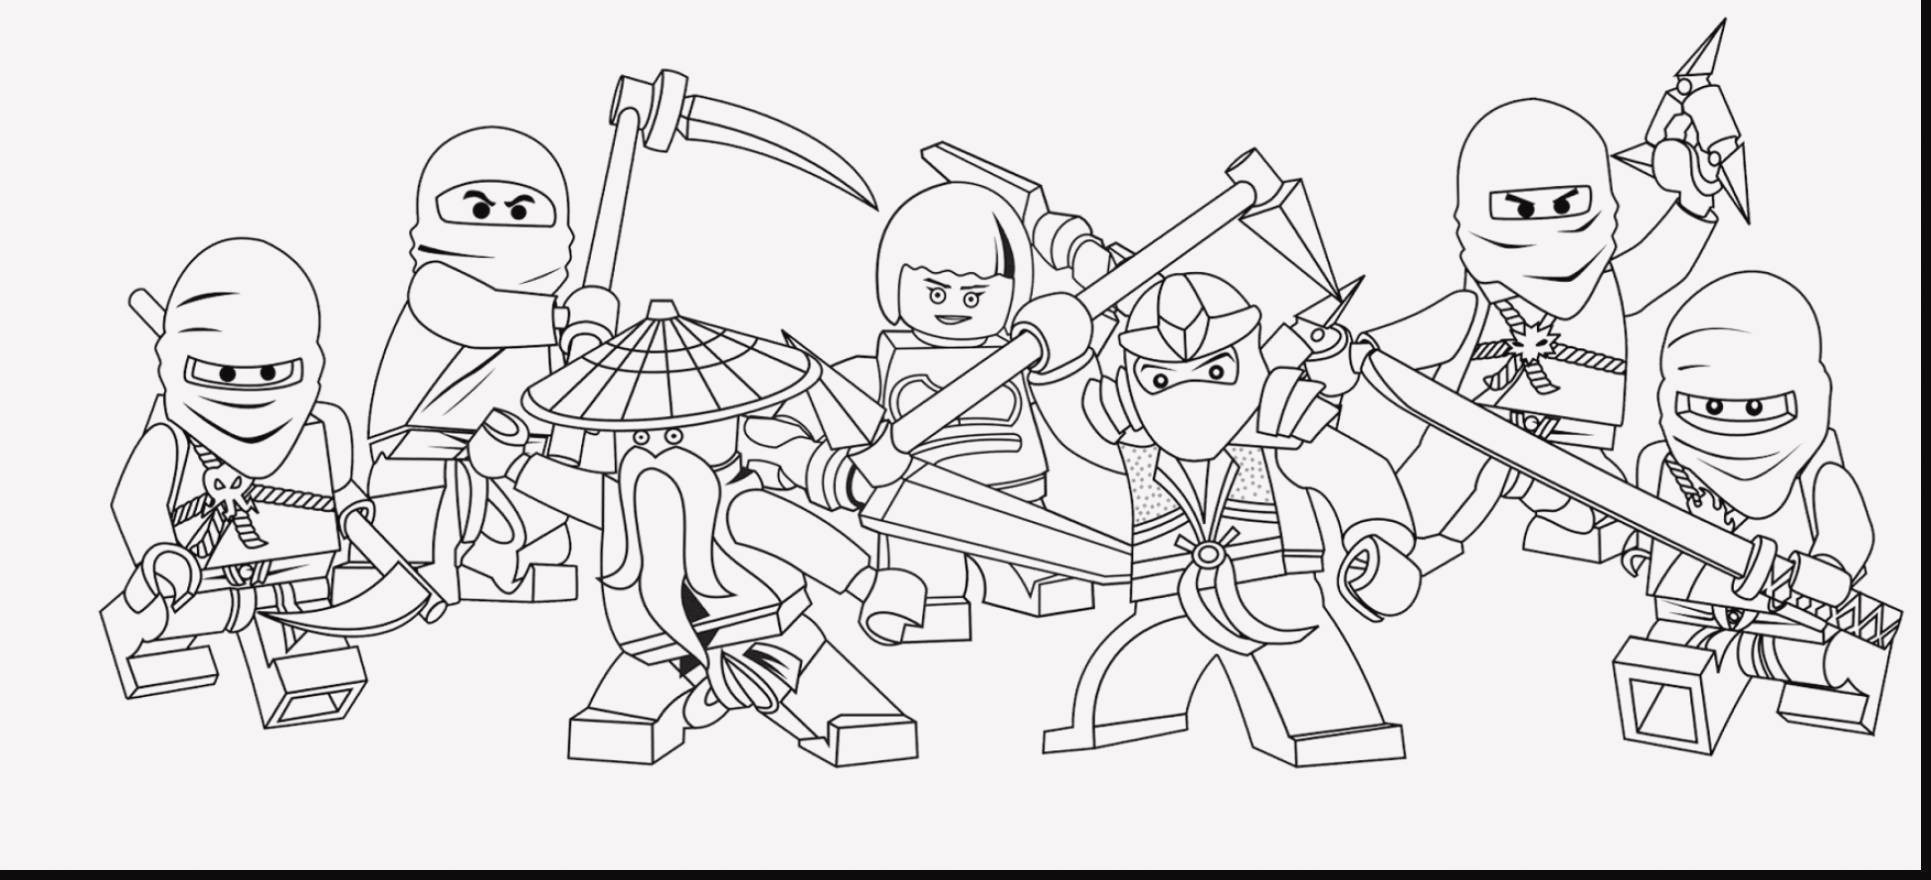 Ausmalbilder Lego Elves Drachen: Lego Elves Drachen Ausmalbilder Neu Lego Friends